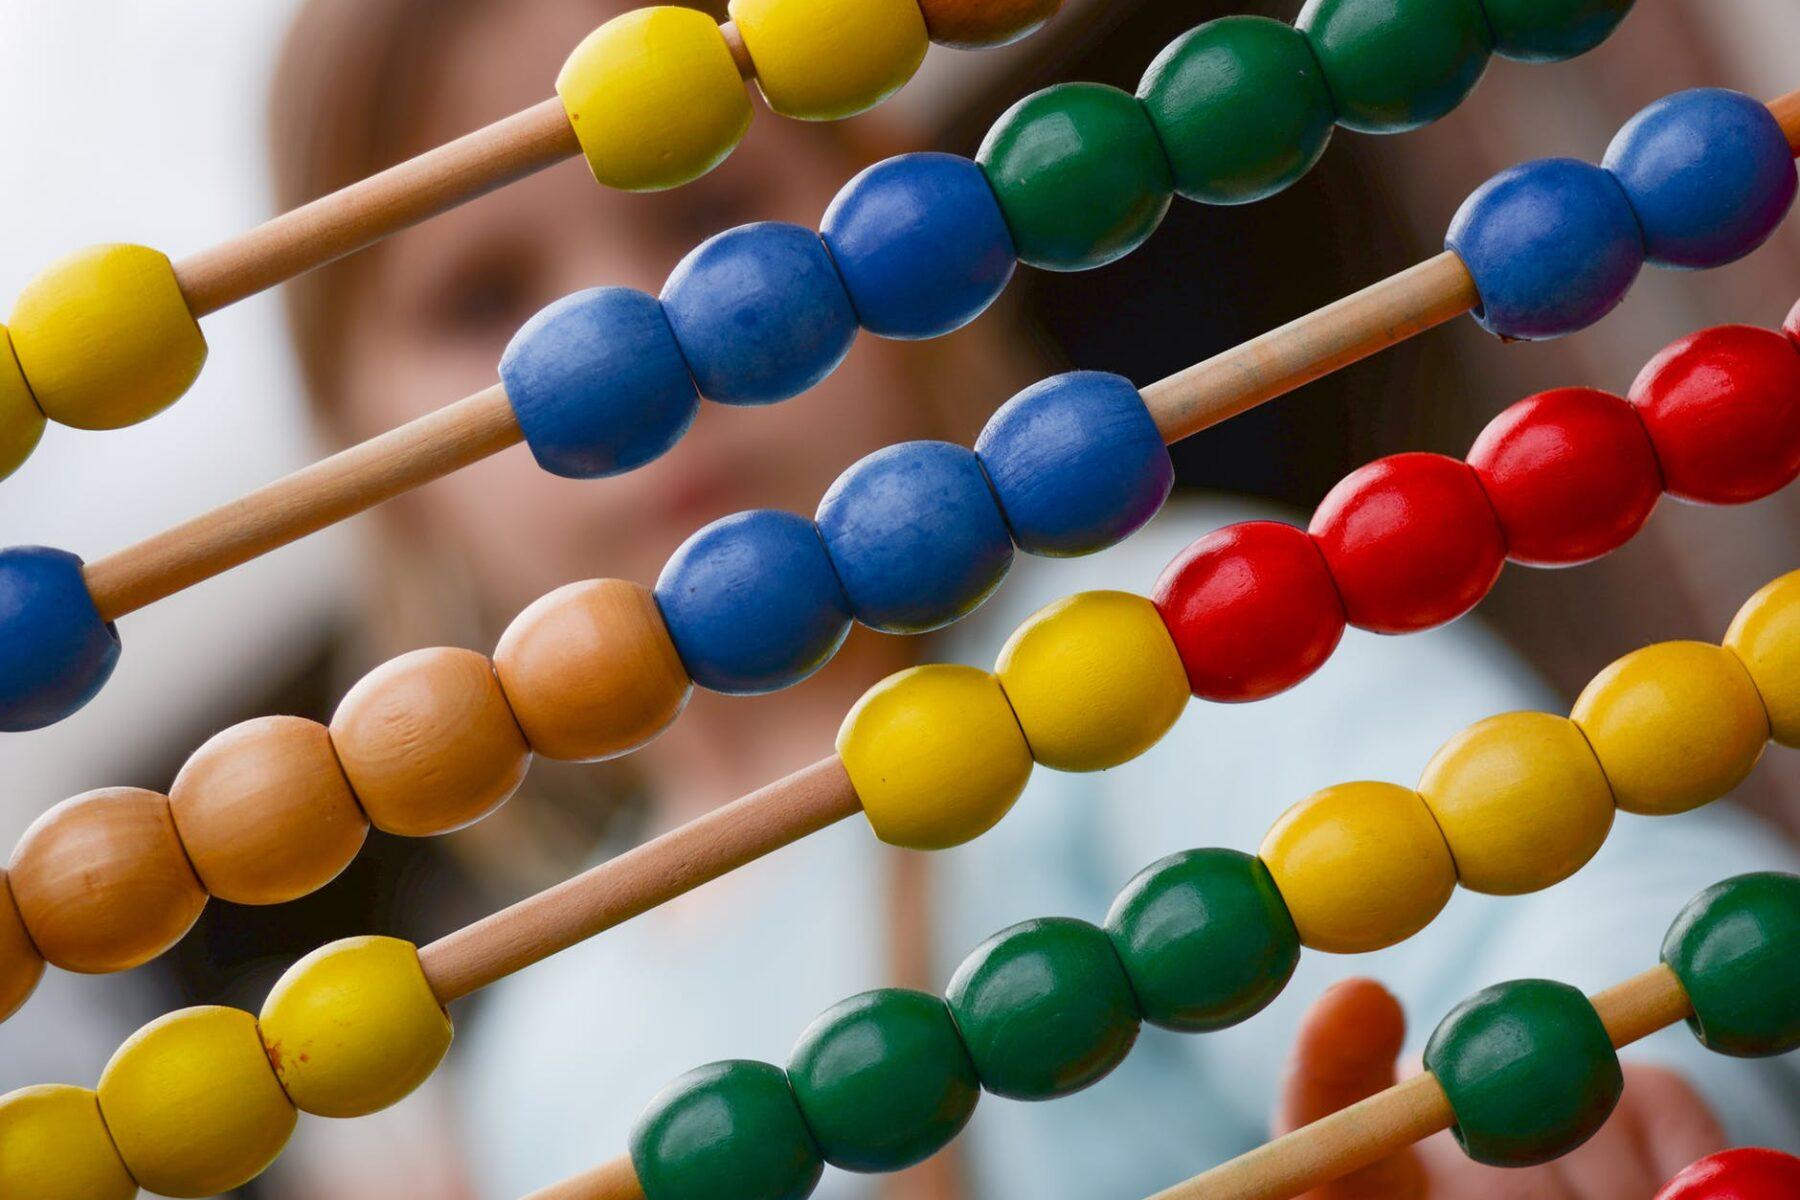 Arifmetika garanyňda, algebra düşünmek çaga üçin aňsatdyr